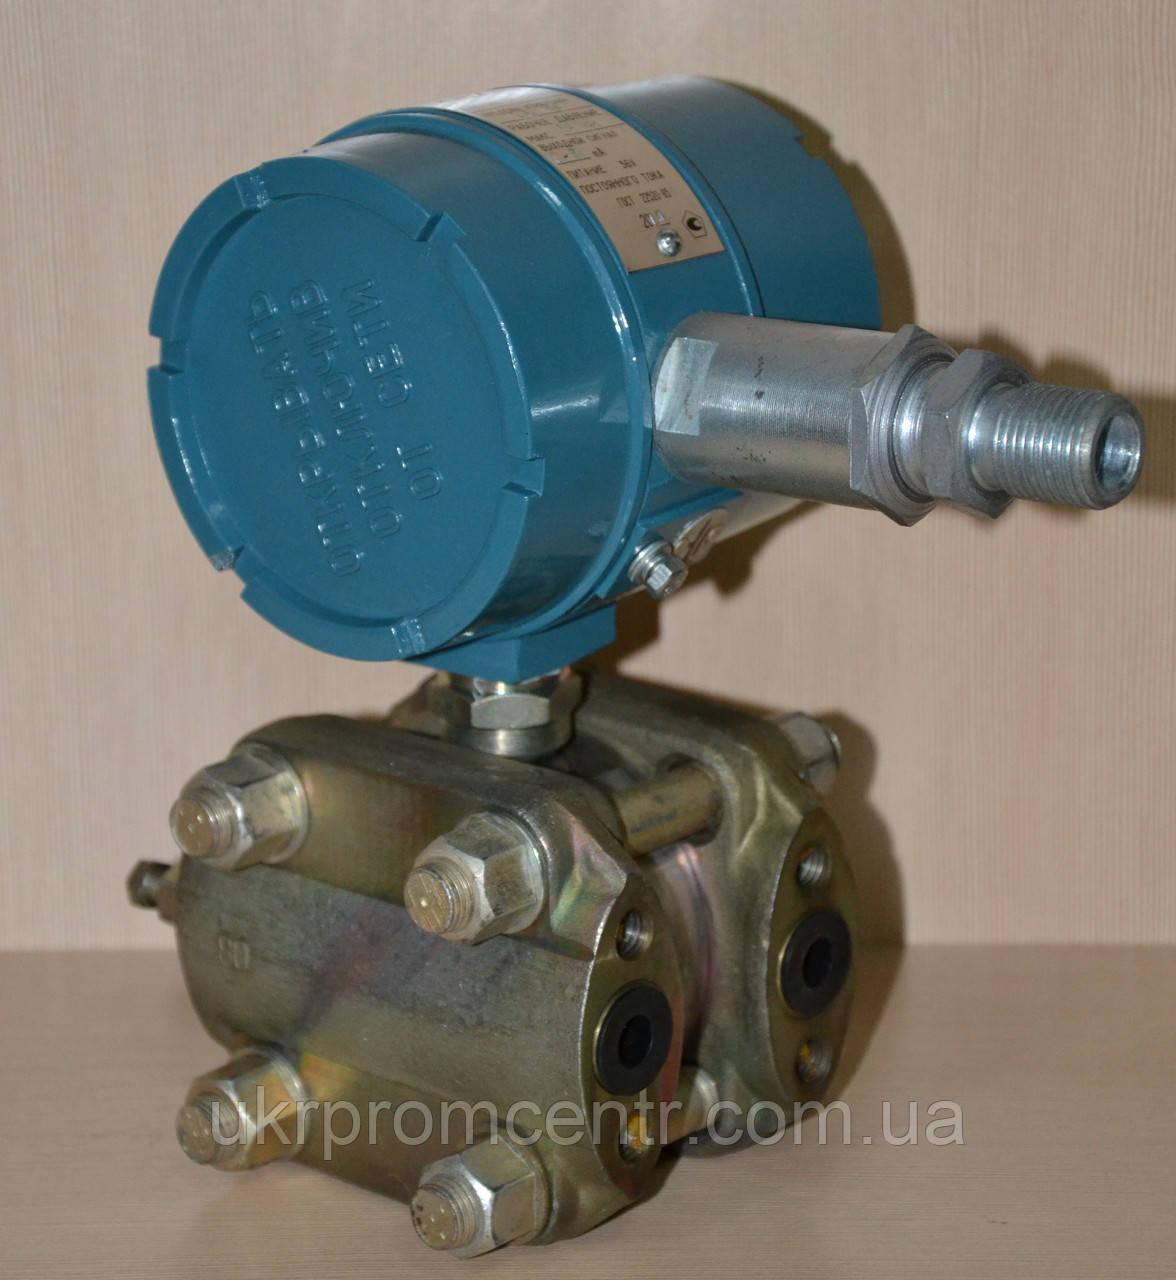 Преобразователи давления Сапфир-22МТ